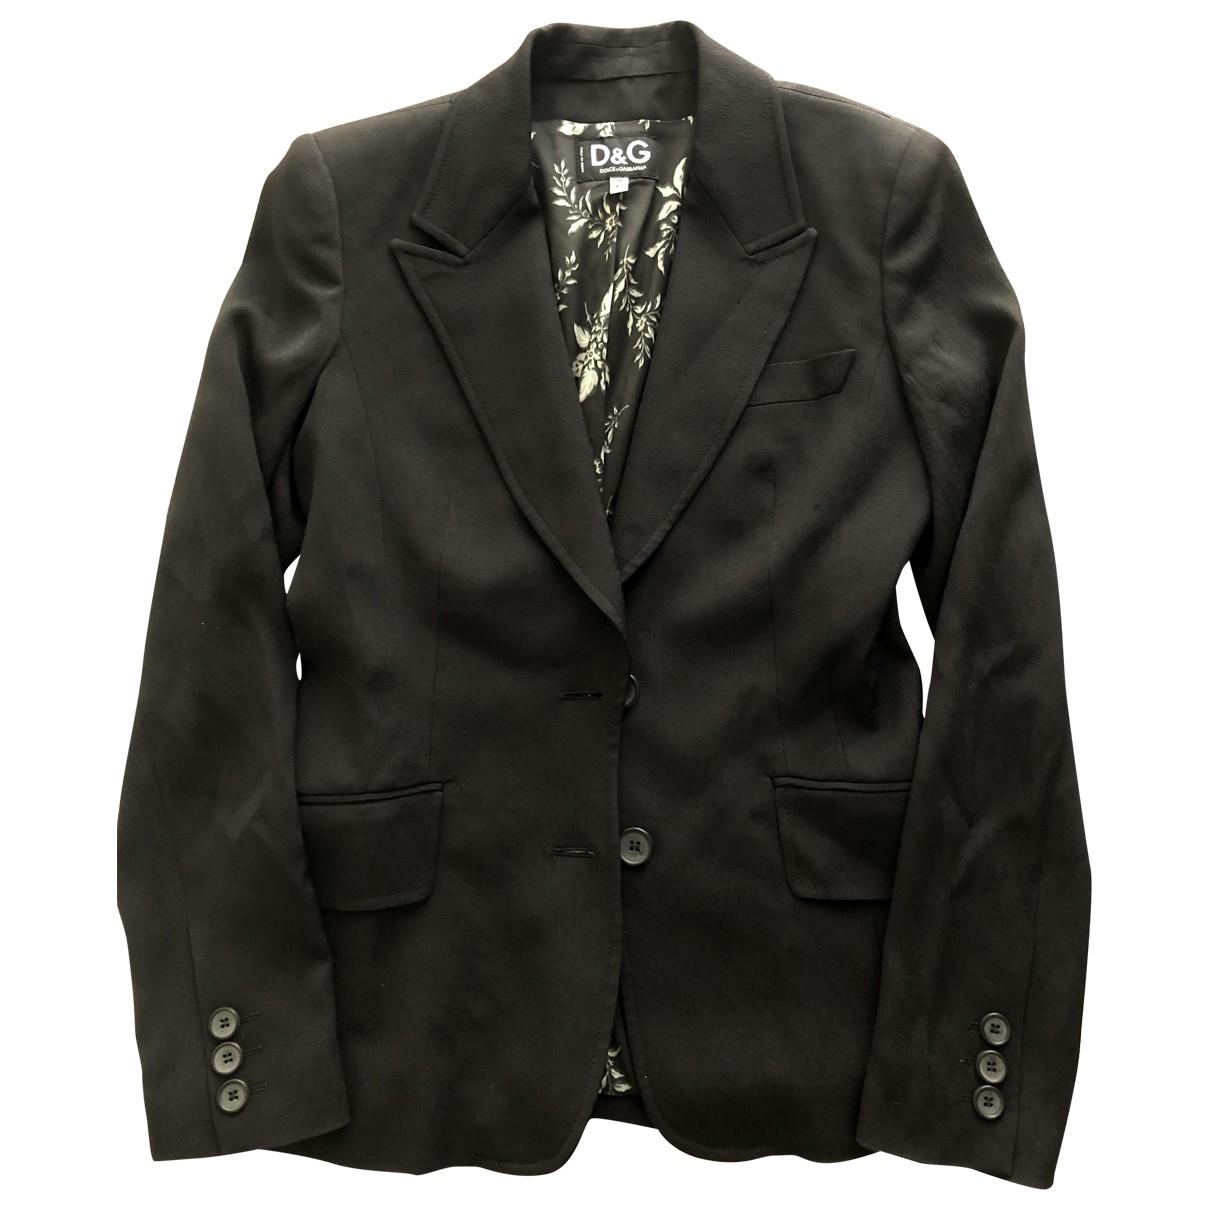 D&g \N Black jacket for Women 42 IT